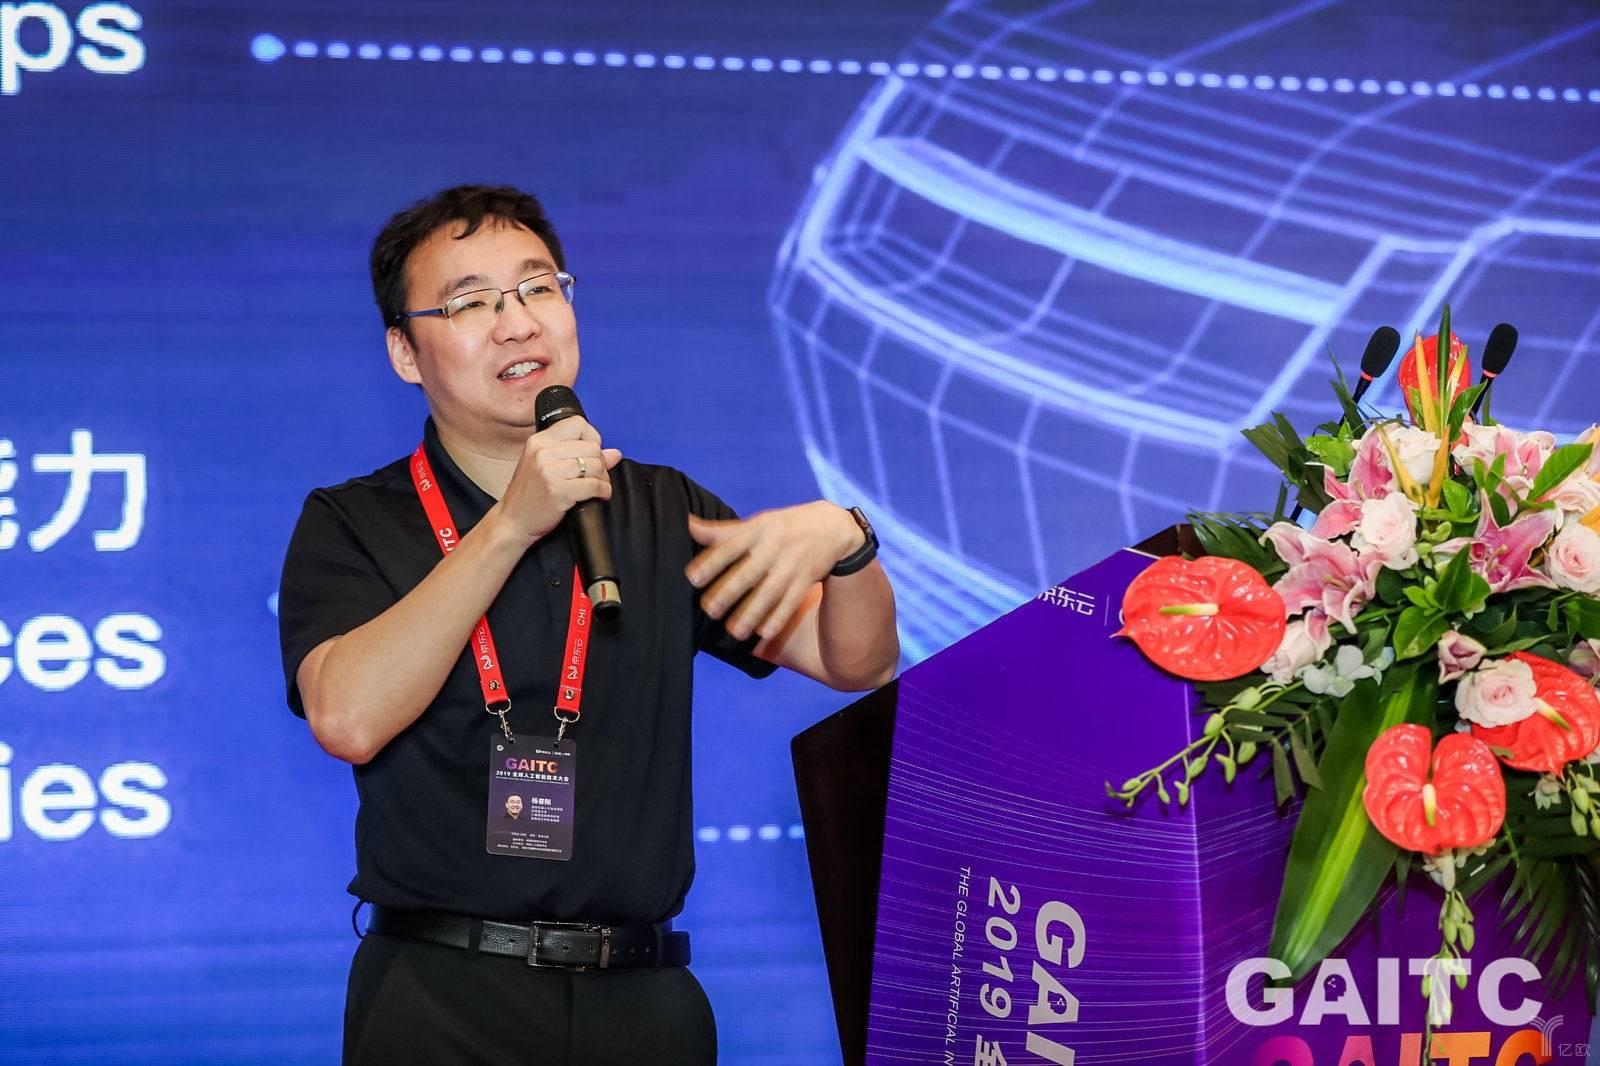 百度机器人与自动驾驶实验室主任杨睿刚